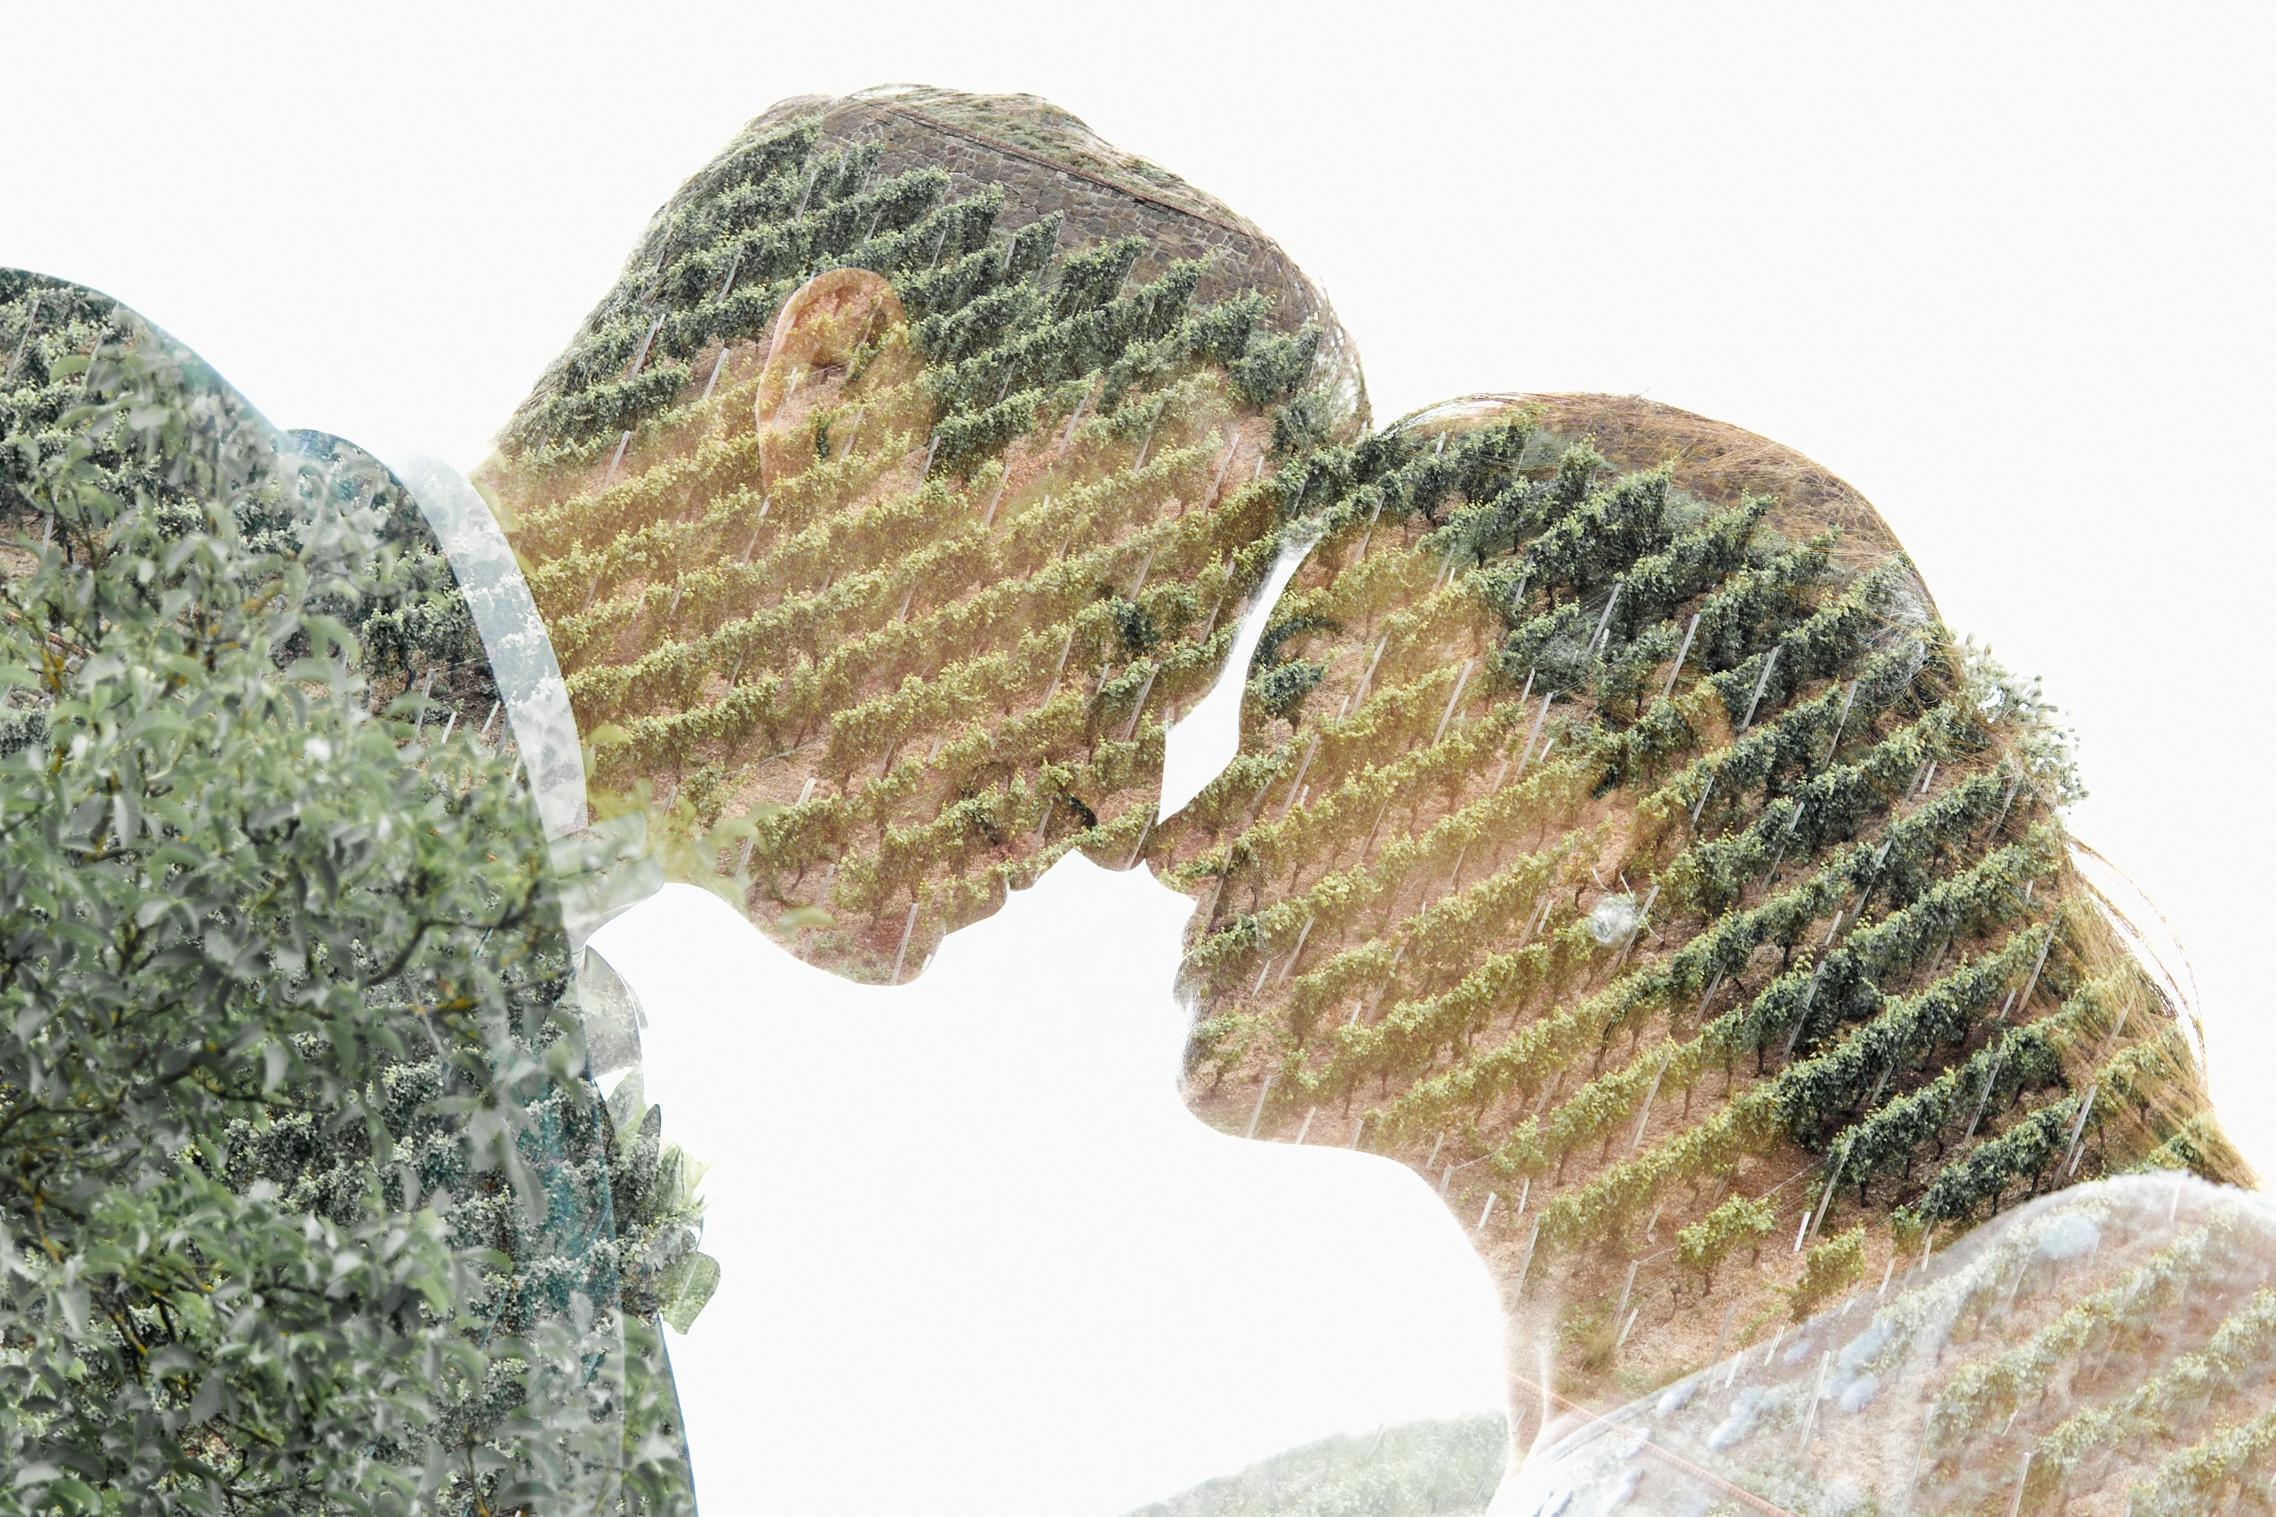 Doppelbelichtung mit dem Brautpaar und den Weinreben.